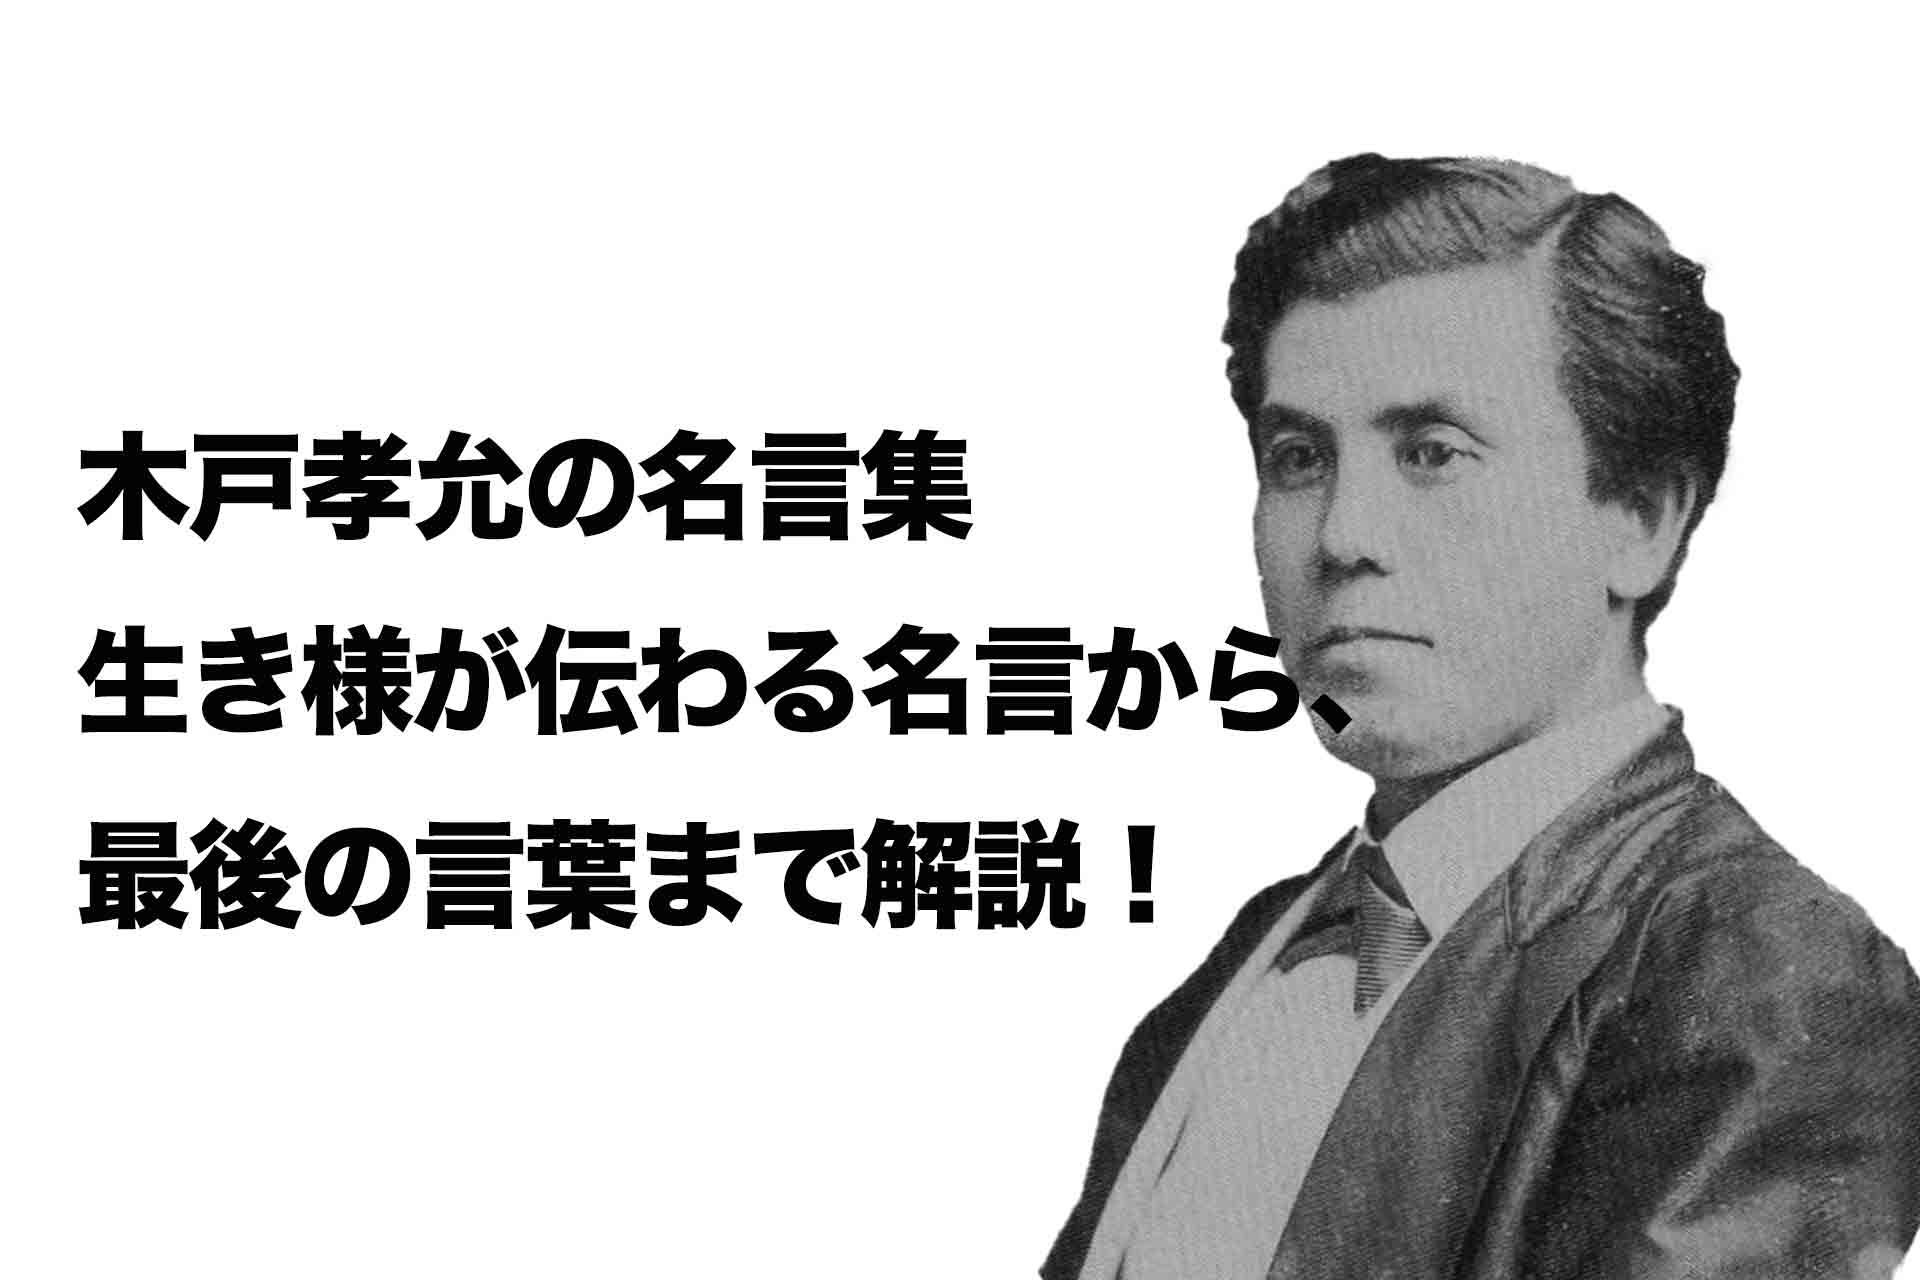 木戸孝允の名言集|生き様が伝わる名言から、最後の言葉まで解説!